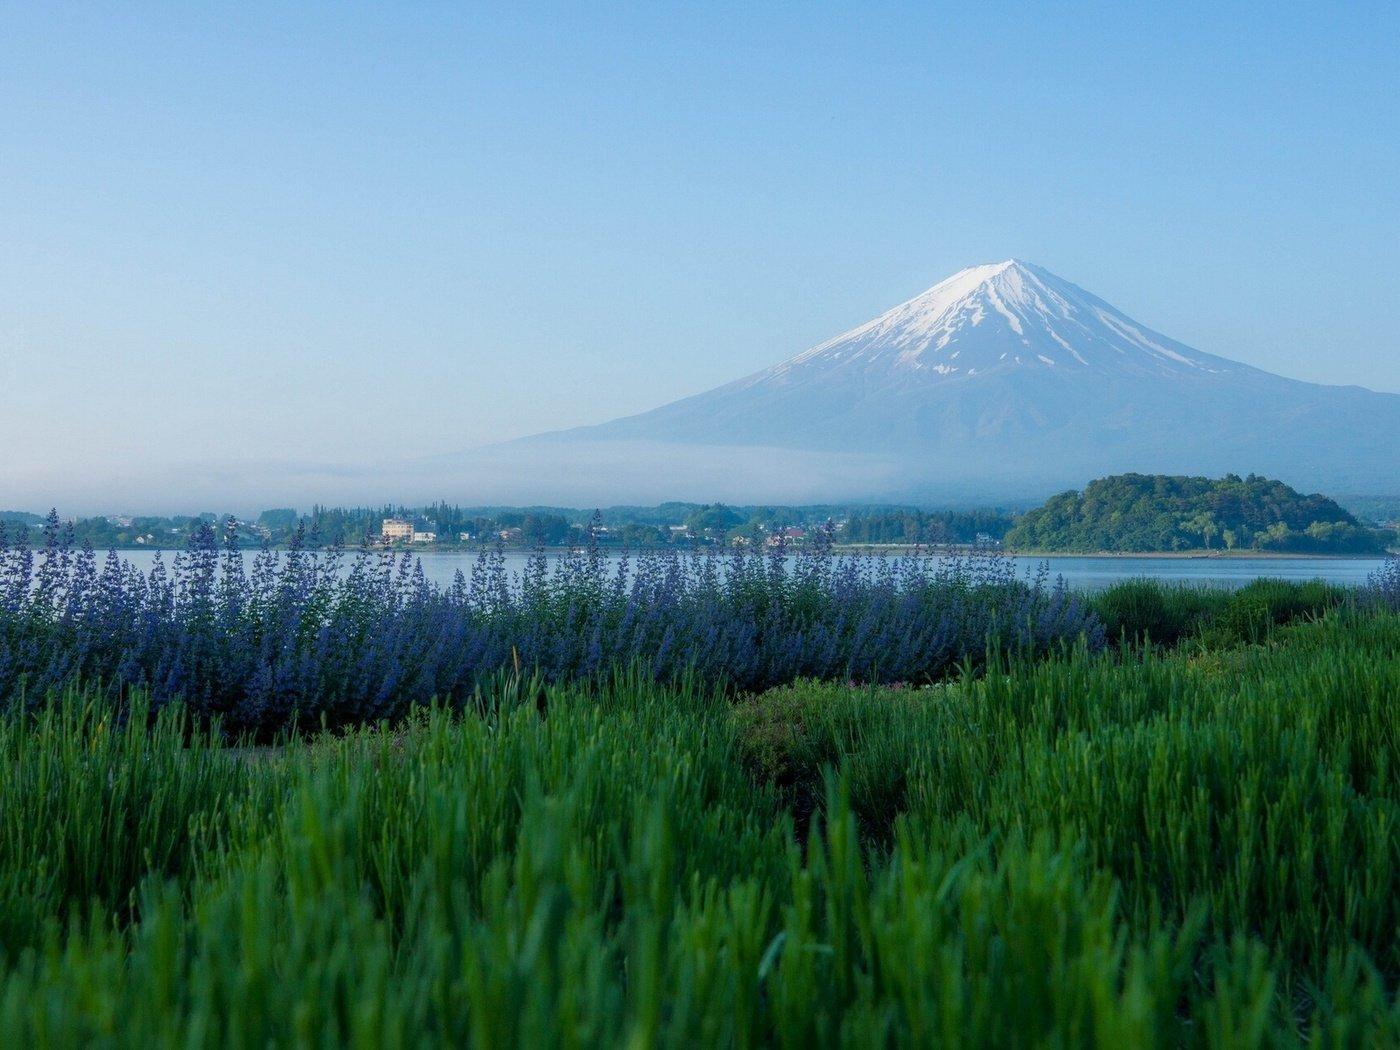 гора фудзияма в японии фото презентация всегда